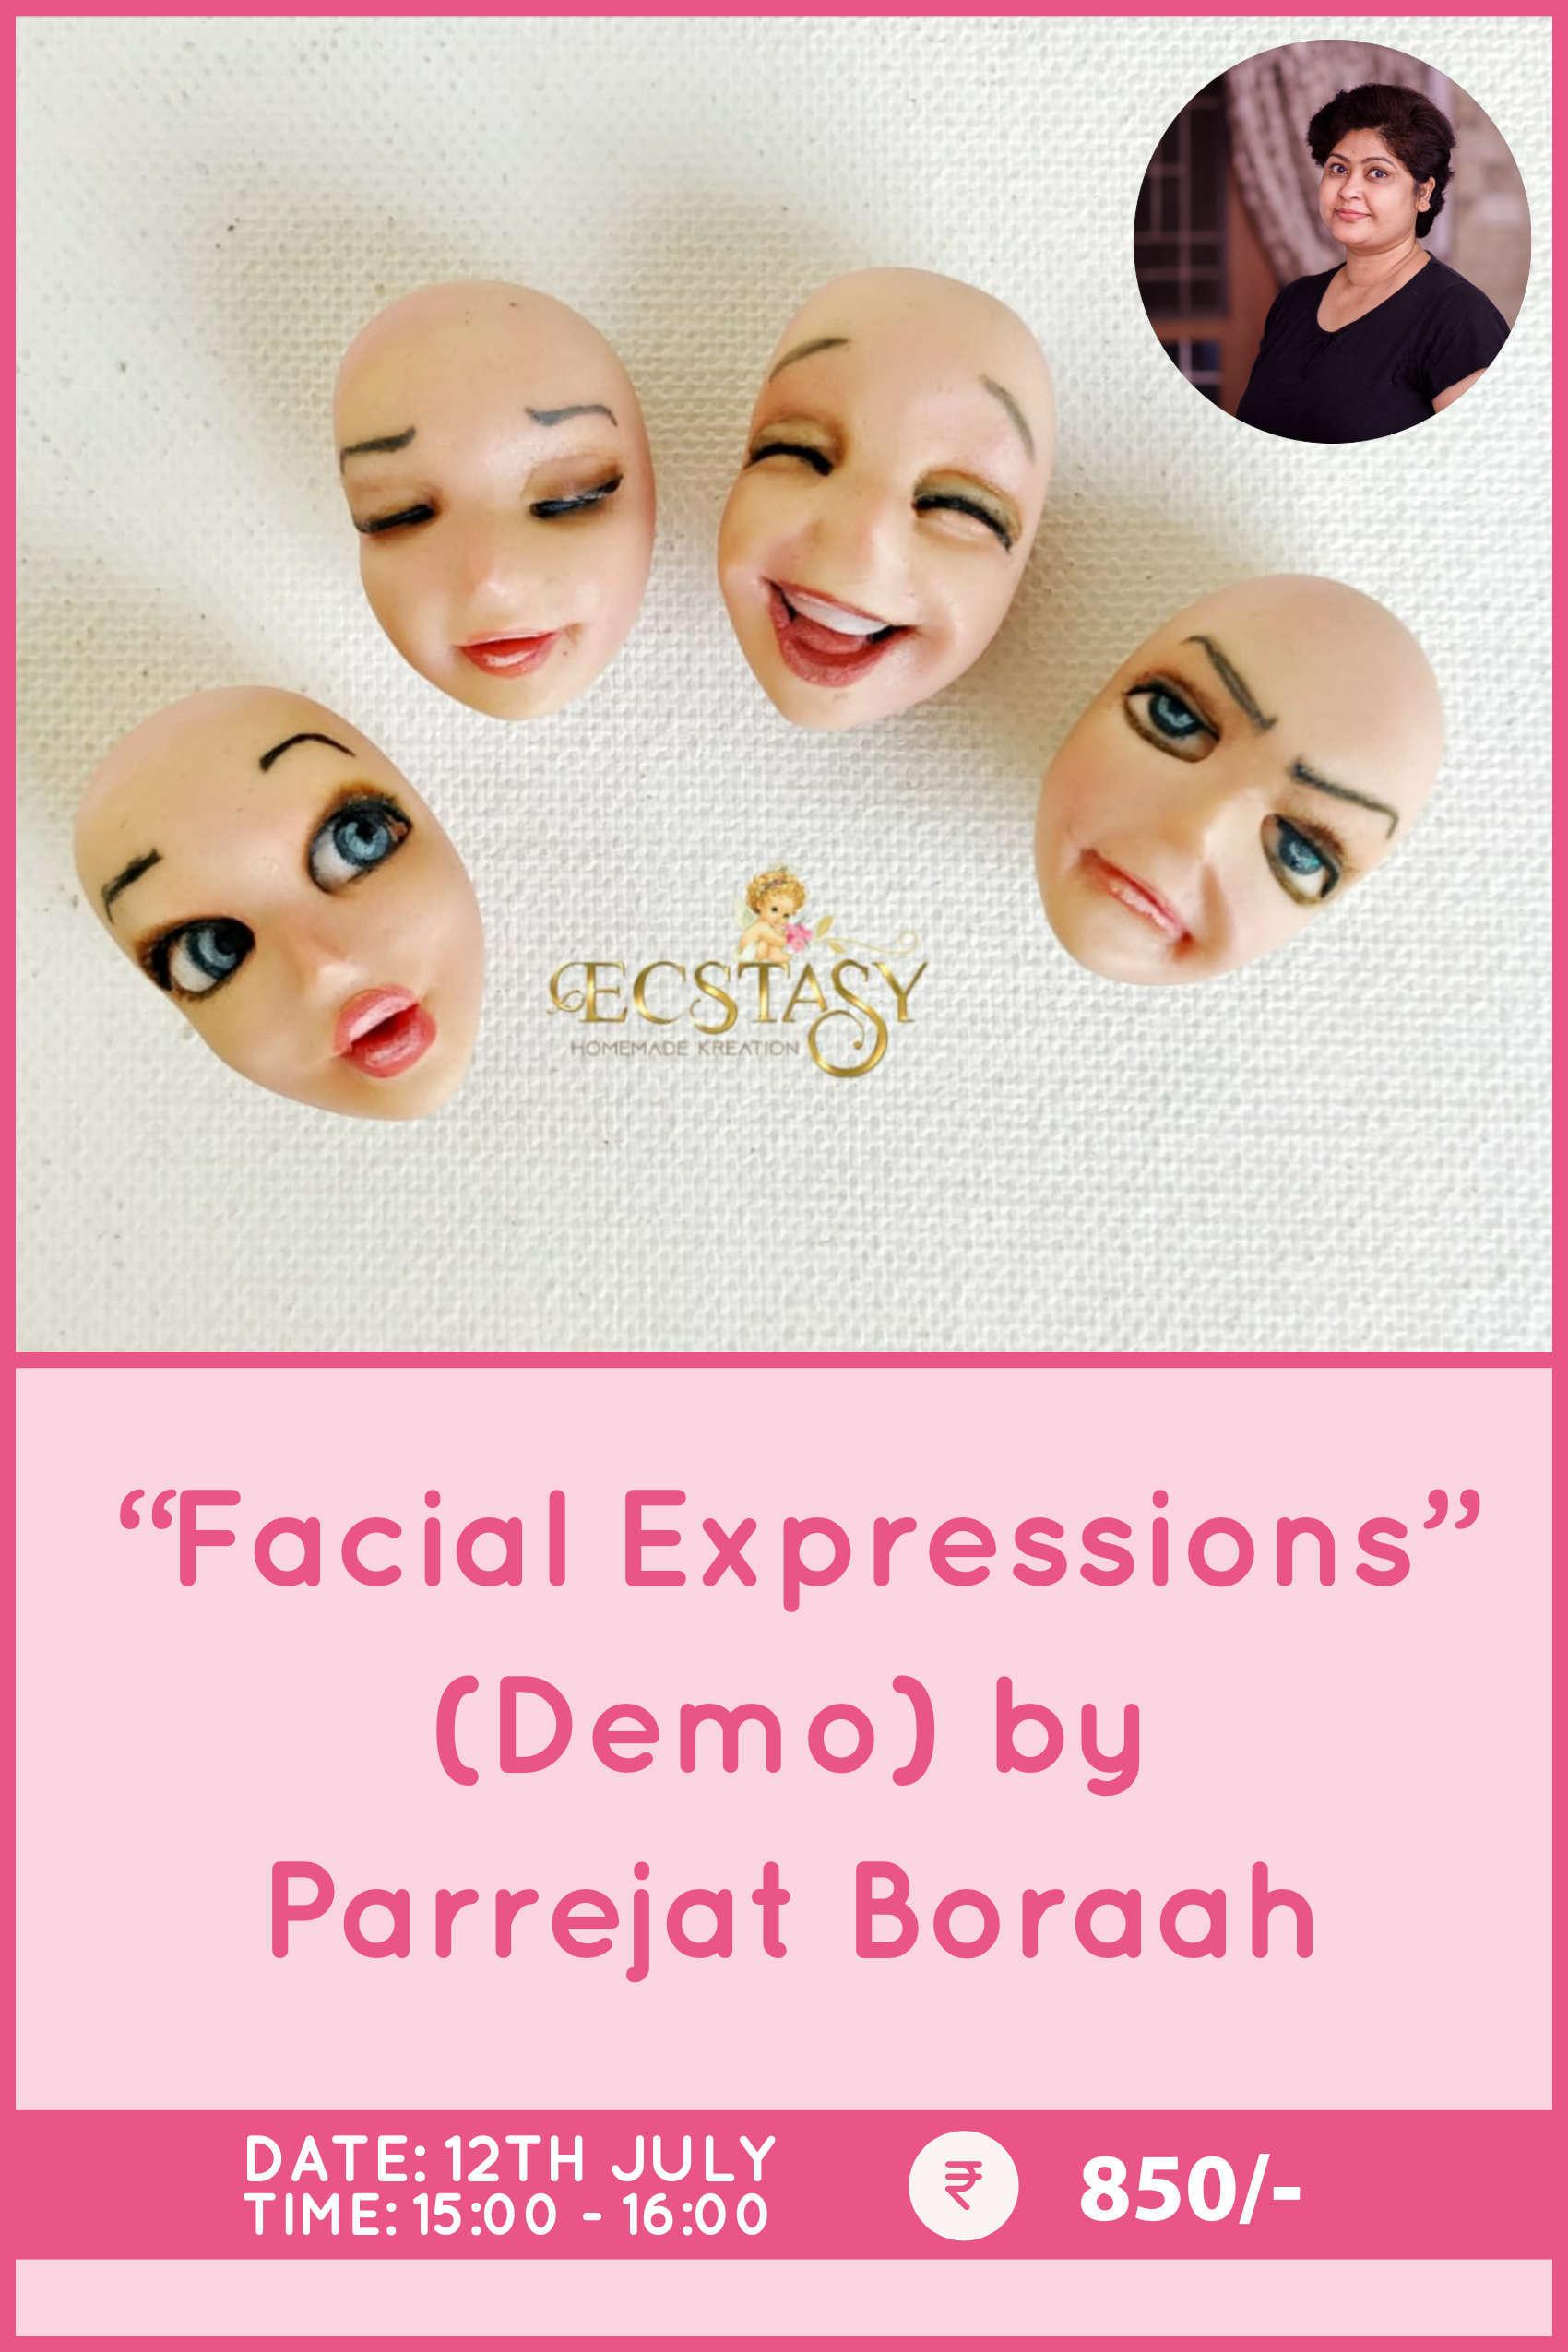 Facial Expressions by Parrejat Boraah